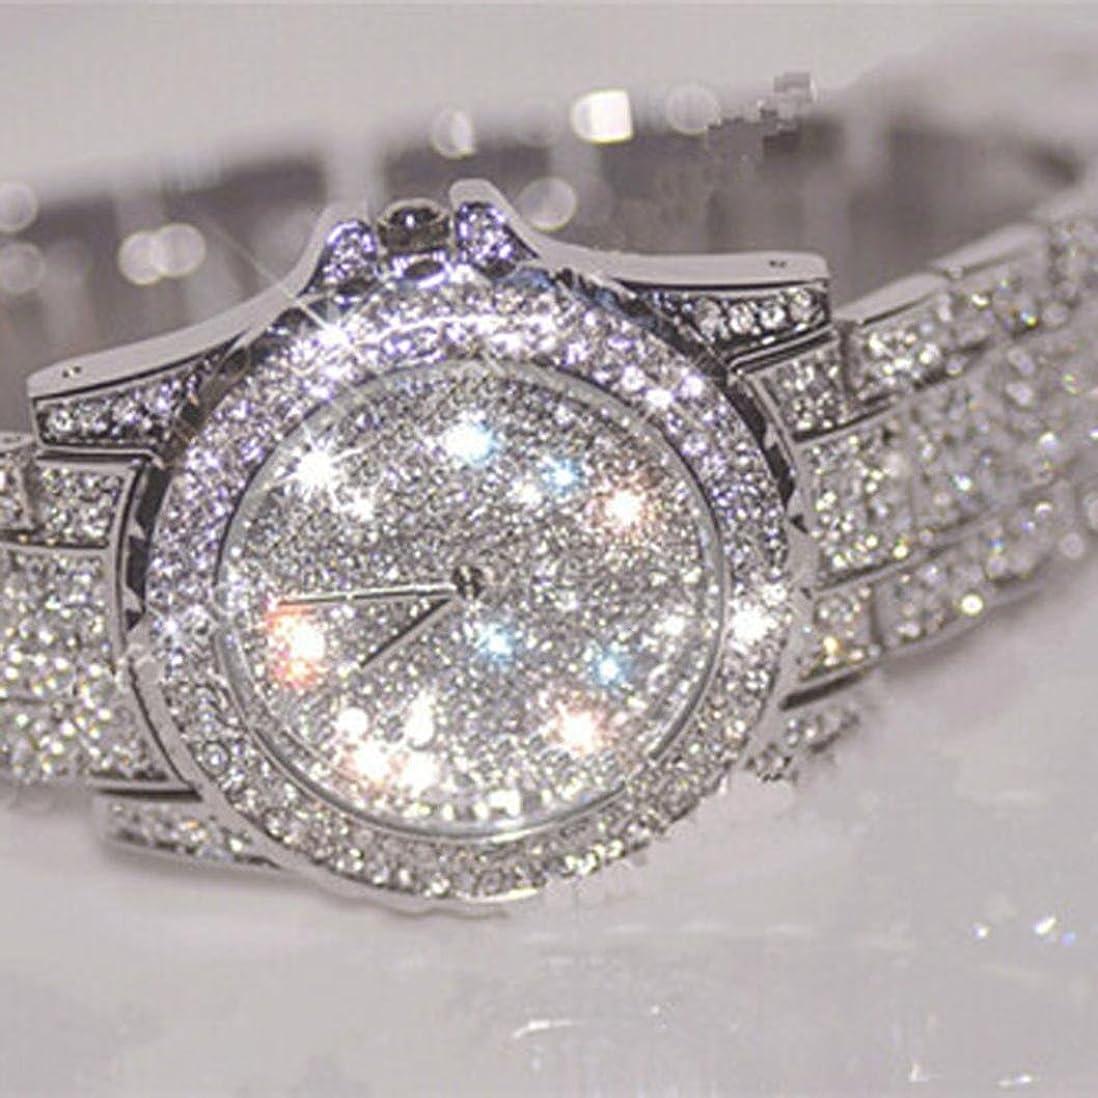 難破船忘れられない画家腕時計 可愛い レディース ガールズ 時計 ダイヤモンド付き 白い 文字盤 ウォッチ ステンレススチール バンド クオーツ時計 レディース 3種 (シルバー)